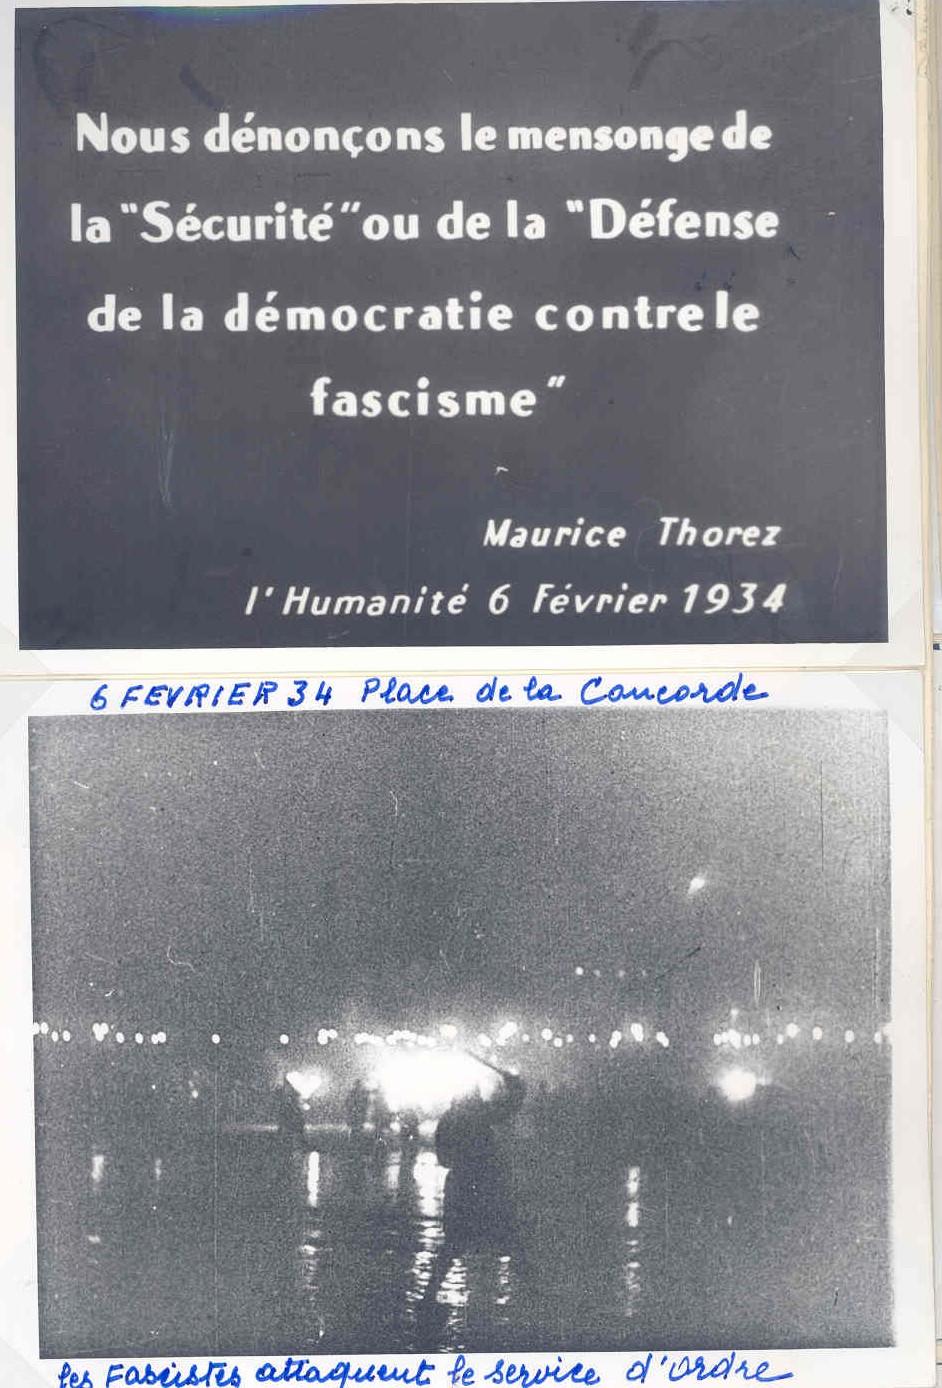 Pivert 6 février 1934 et citation de Thorez